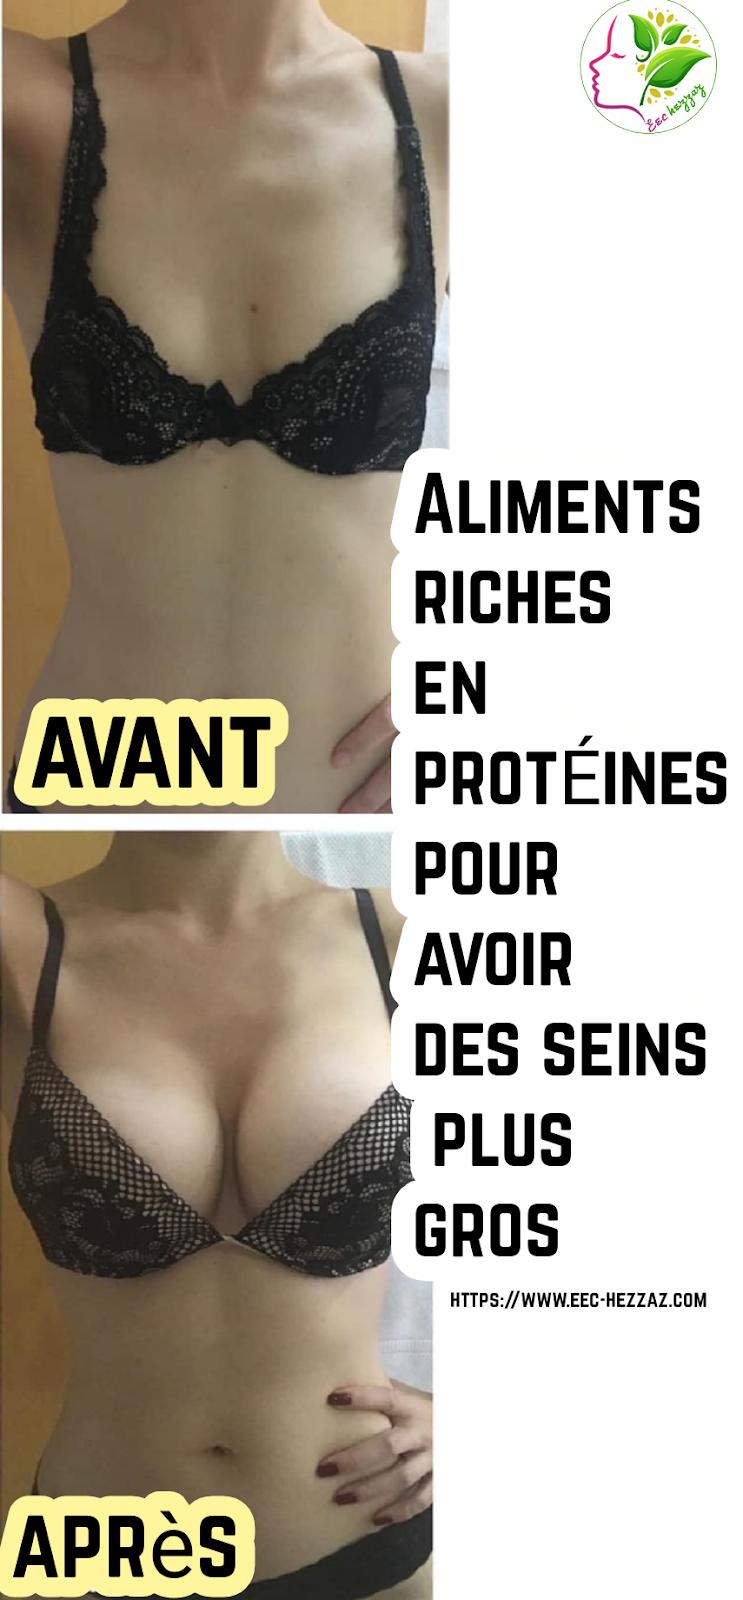 Aliments riches en protéines pour avoir des seins plus gros